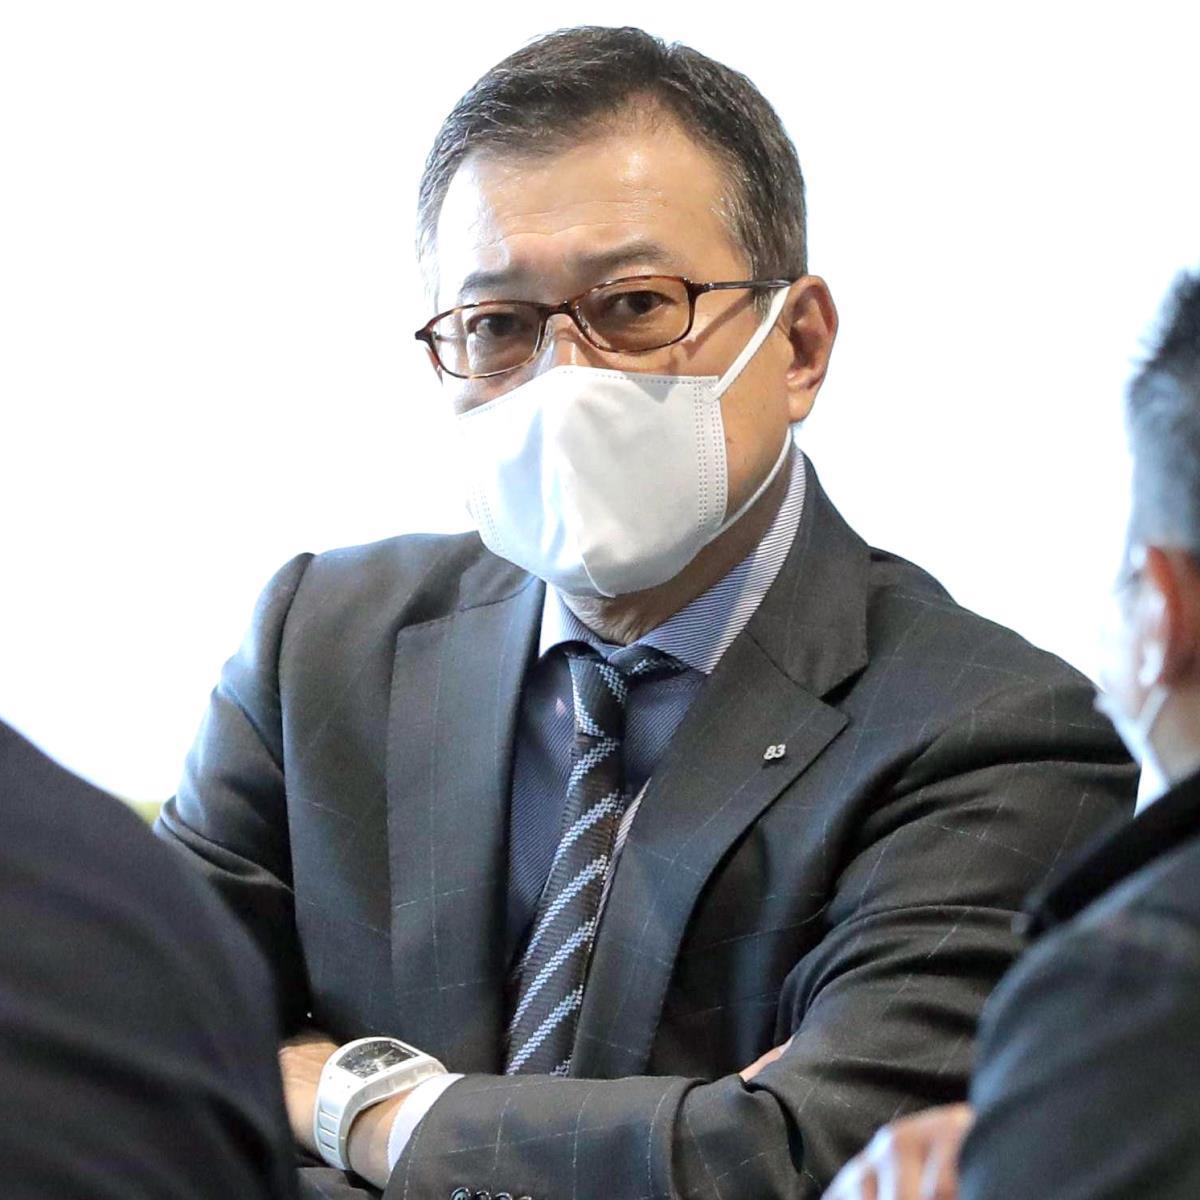 マスク姿で記者の取材に対応する原監督(カメラ・中島 傑)